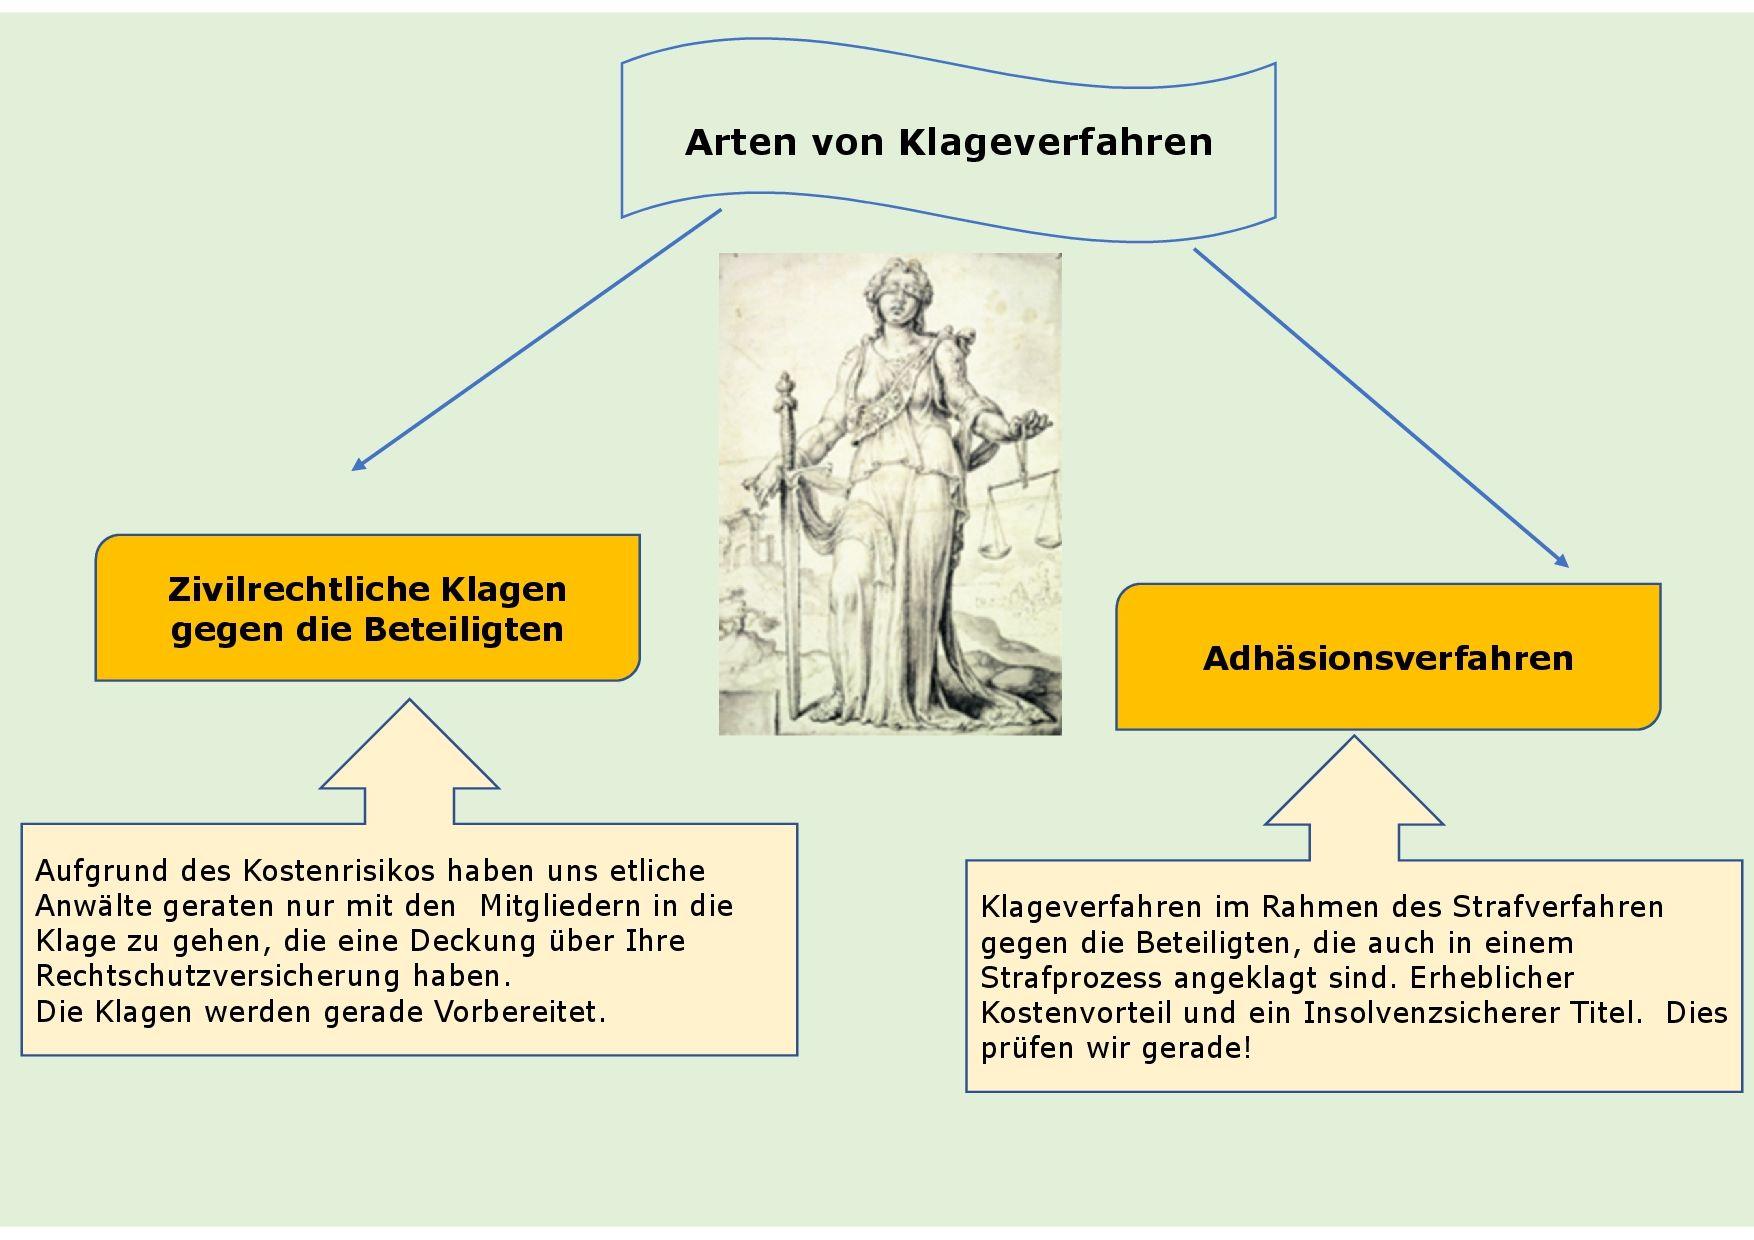 Schön Krawall Rahmen Mit Titel Fotos - Benutzerdefinierte ...